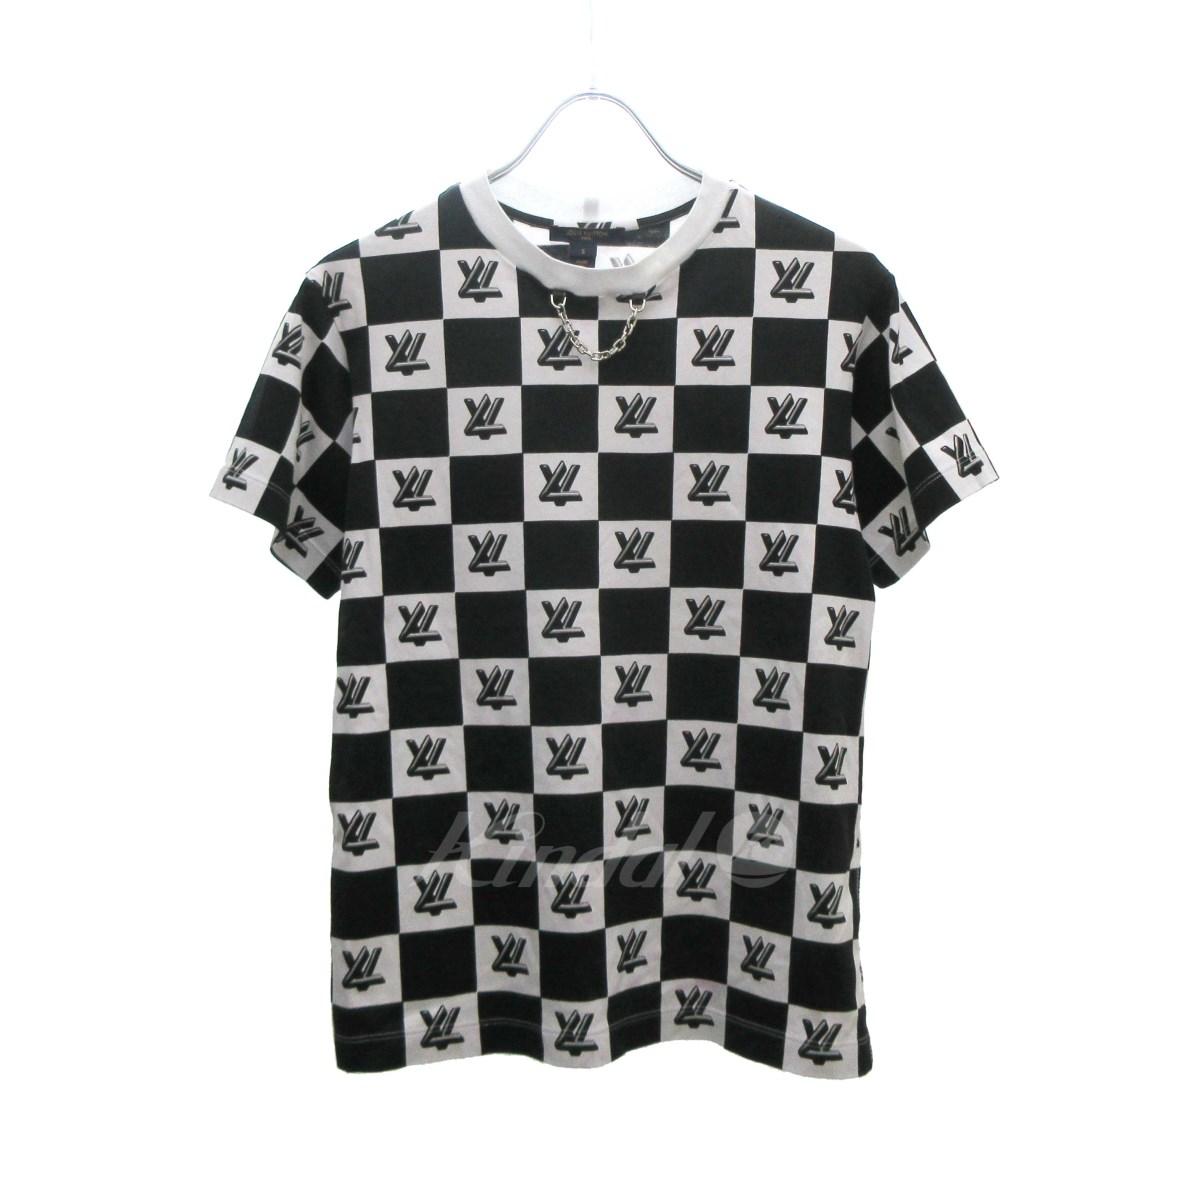 【中古】LOUIS VUITTON LVロックツイストプリントTシャツ 2018S/S ホワイト×ブラック サイズ:S 【140519】(ルイヴィトン)